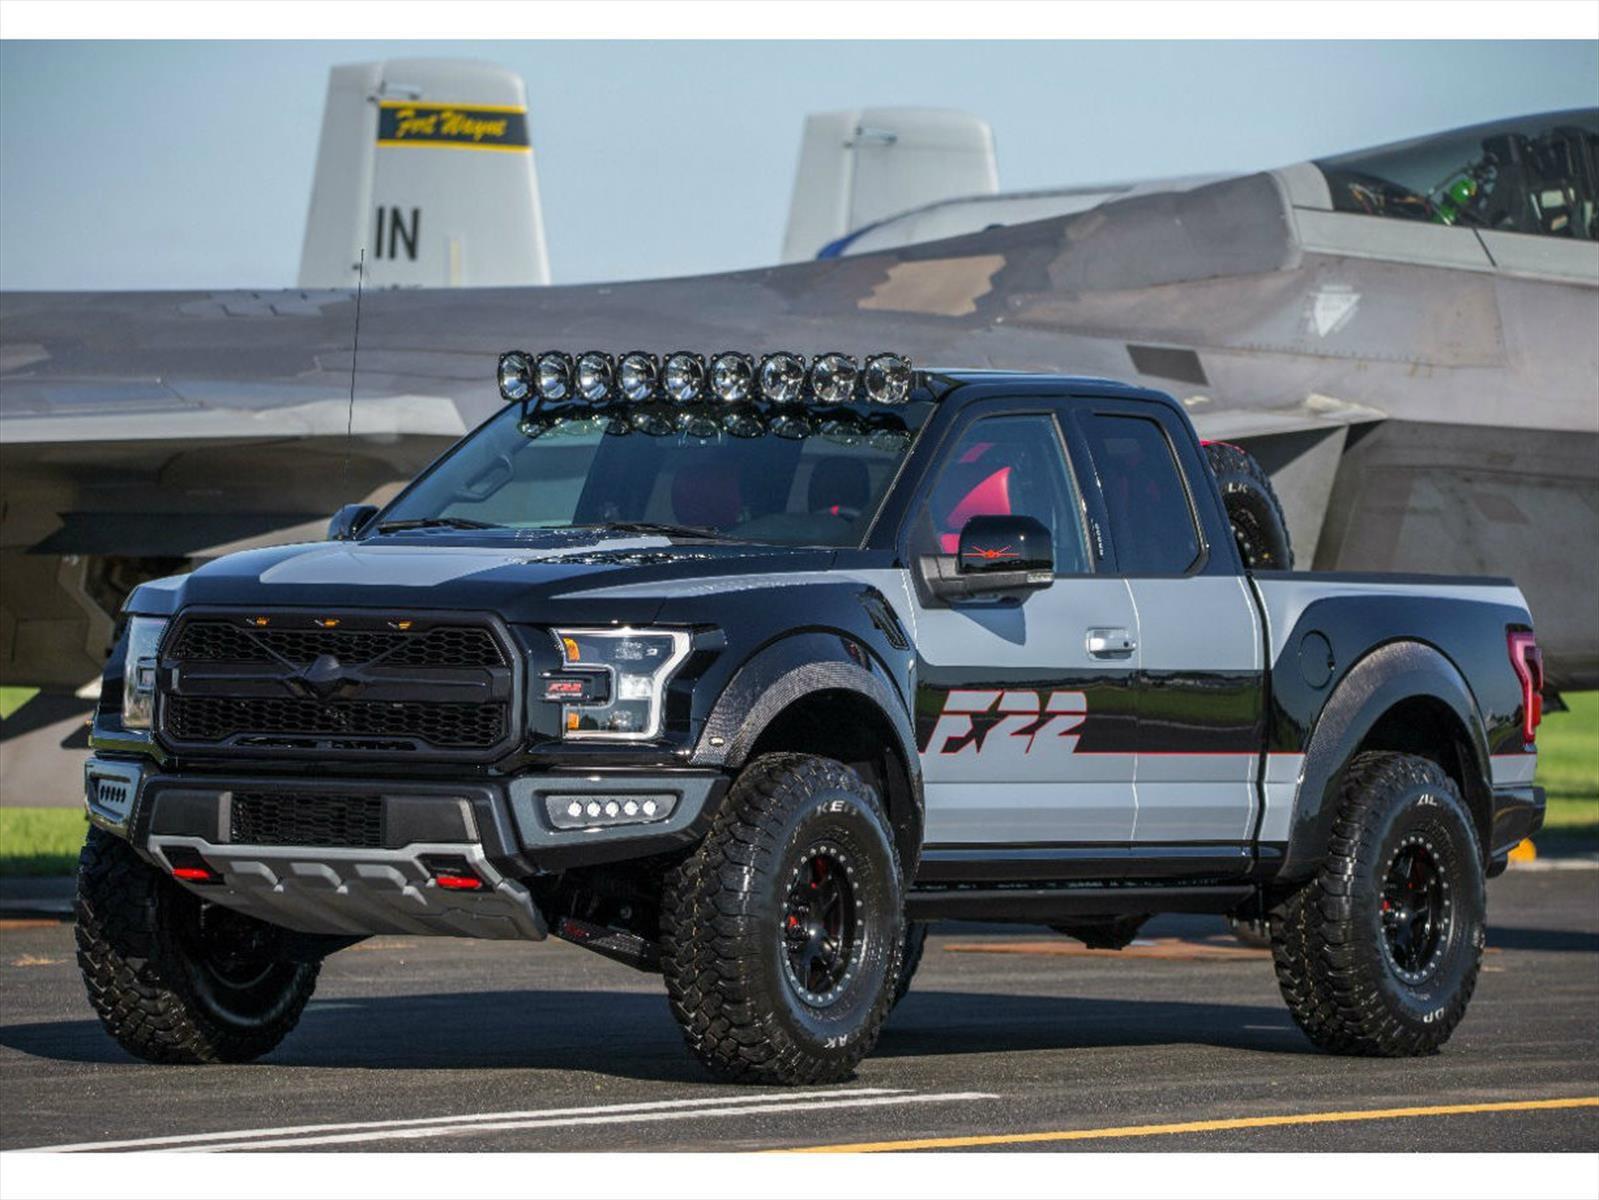 Ford F-22 Raptor fue vendido en más de $5 millones de pesos